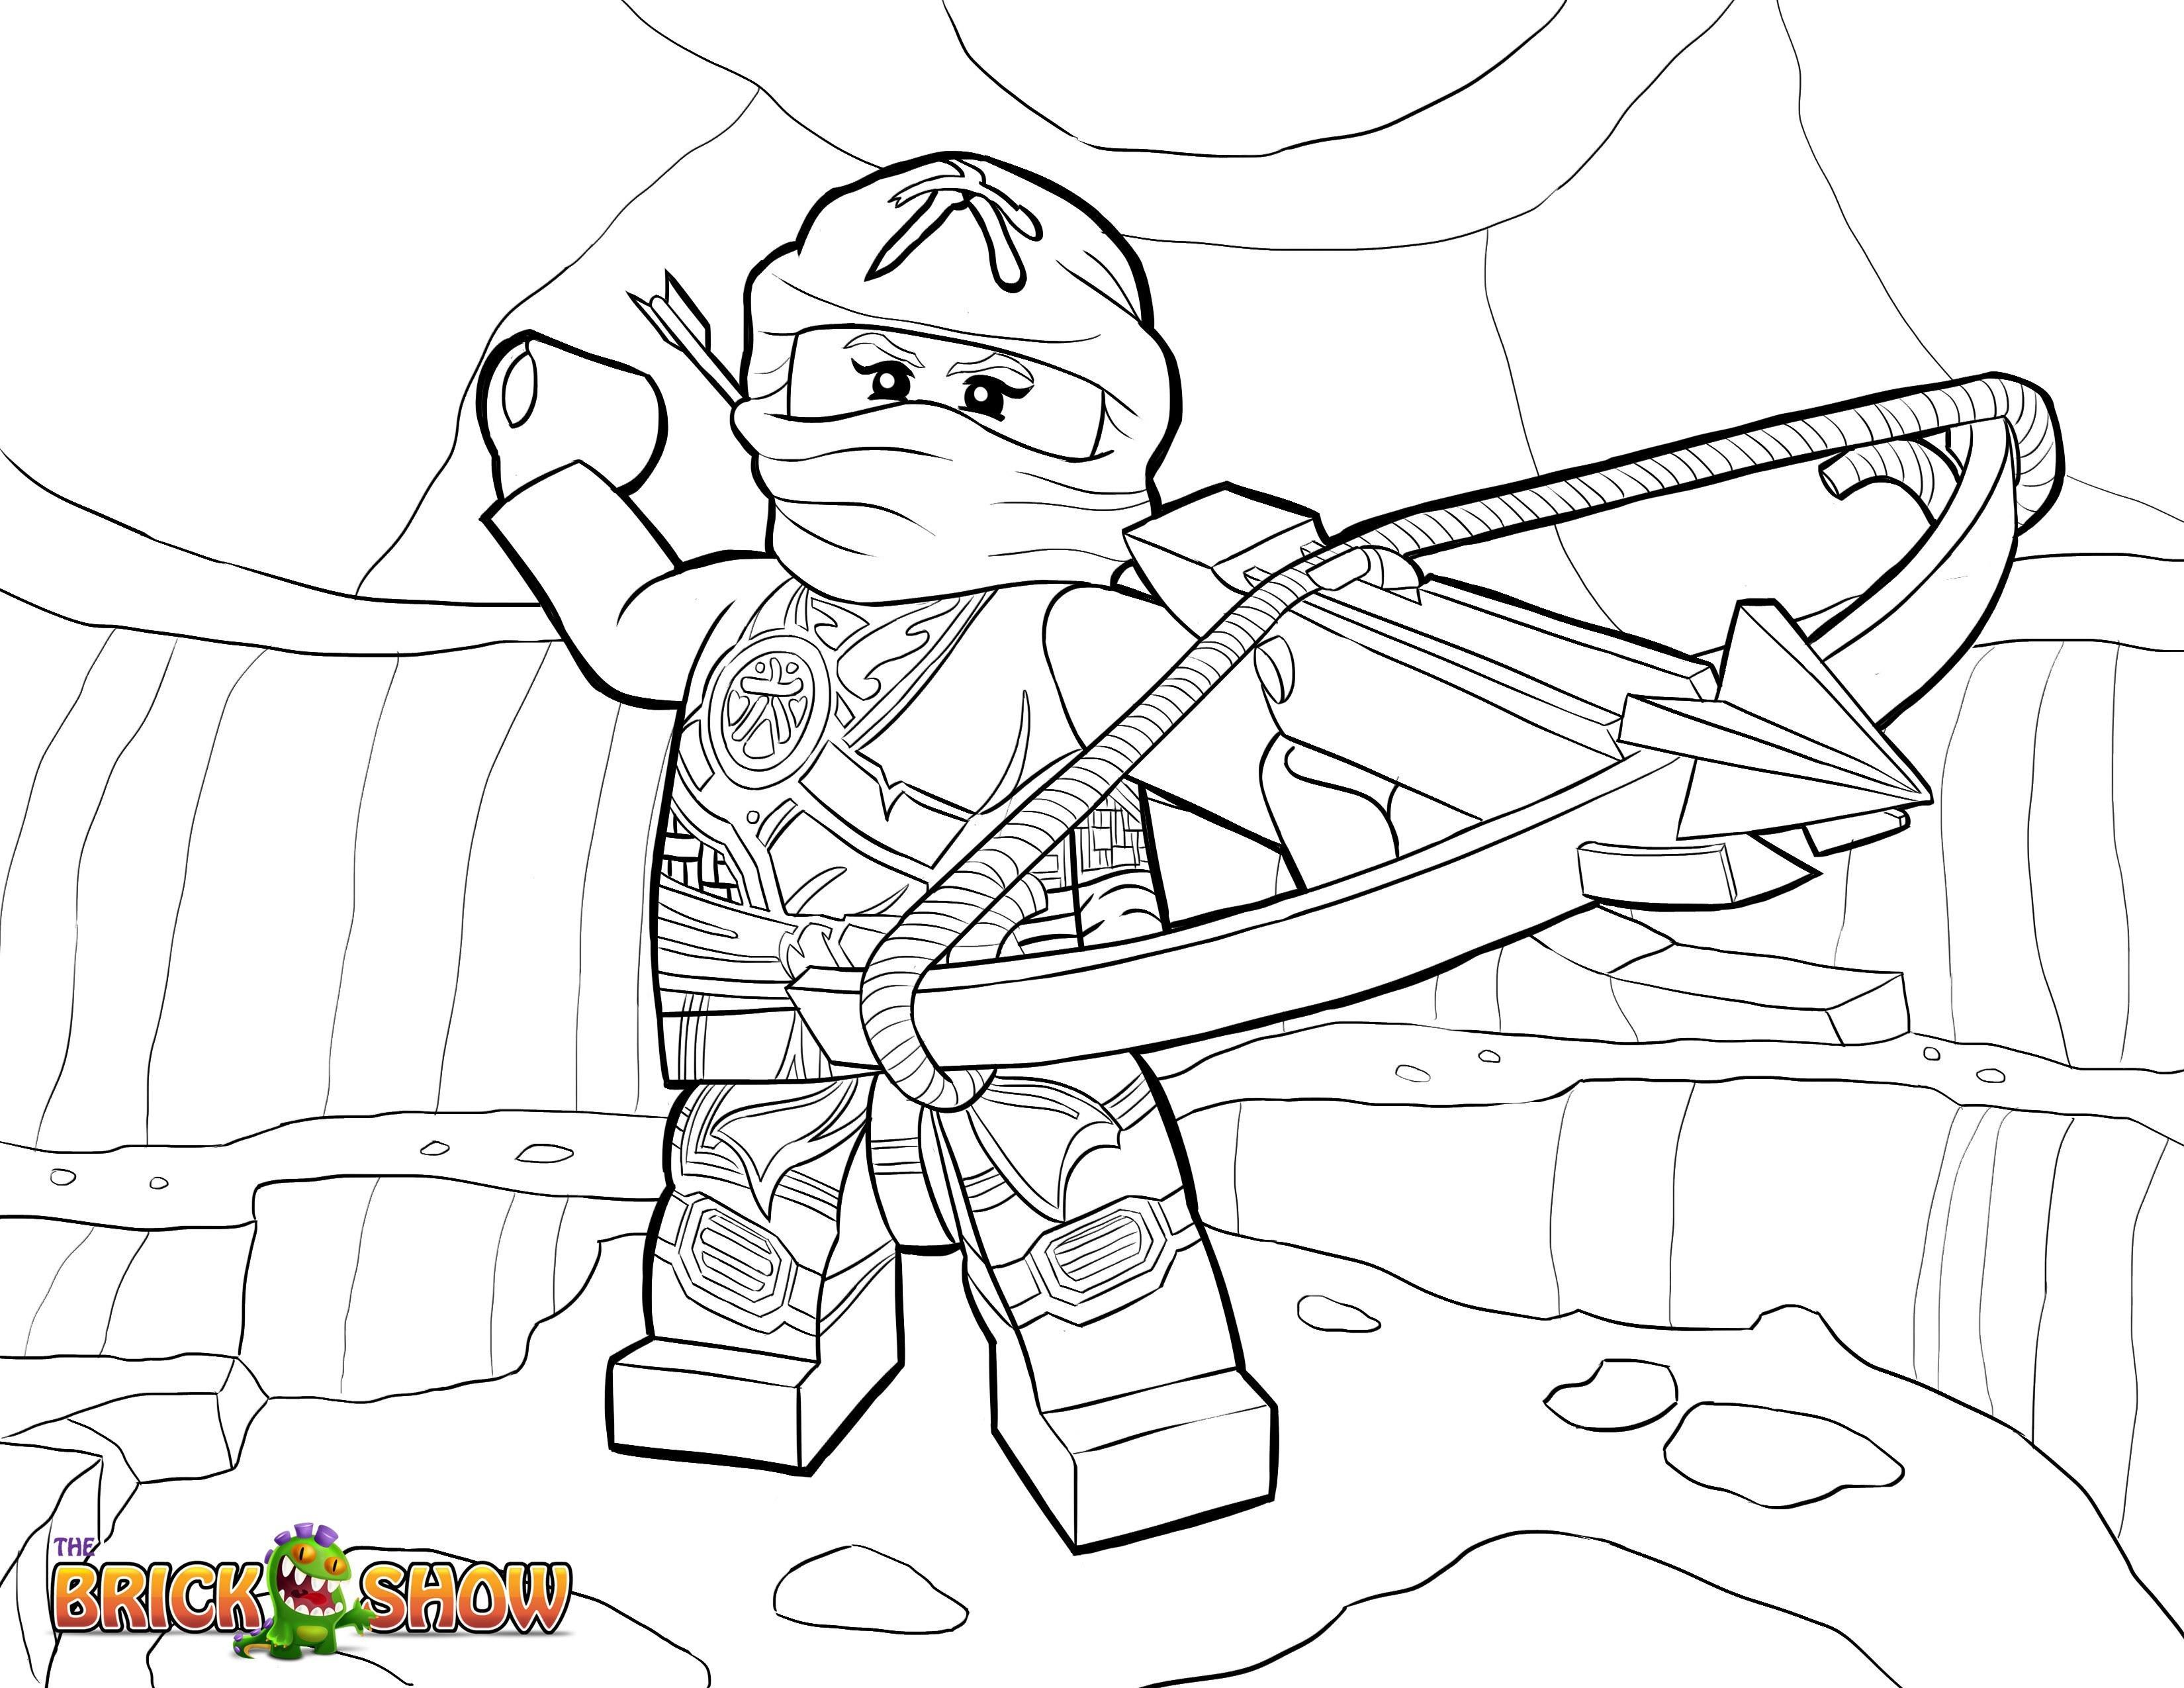 Lego Ausmalbilder Kostenlos Inspirierend 40 Lego Malvorlagen Scoredatscore Luxus Bibi Und Tina Ausmalbilder Sammlung